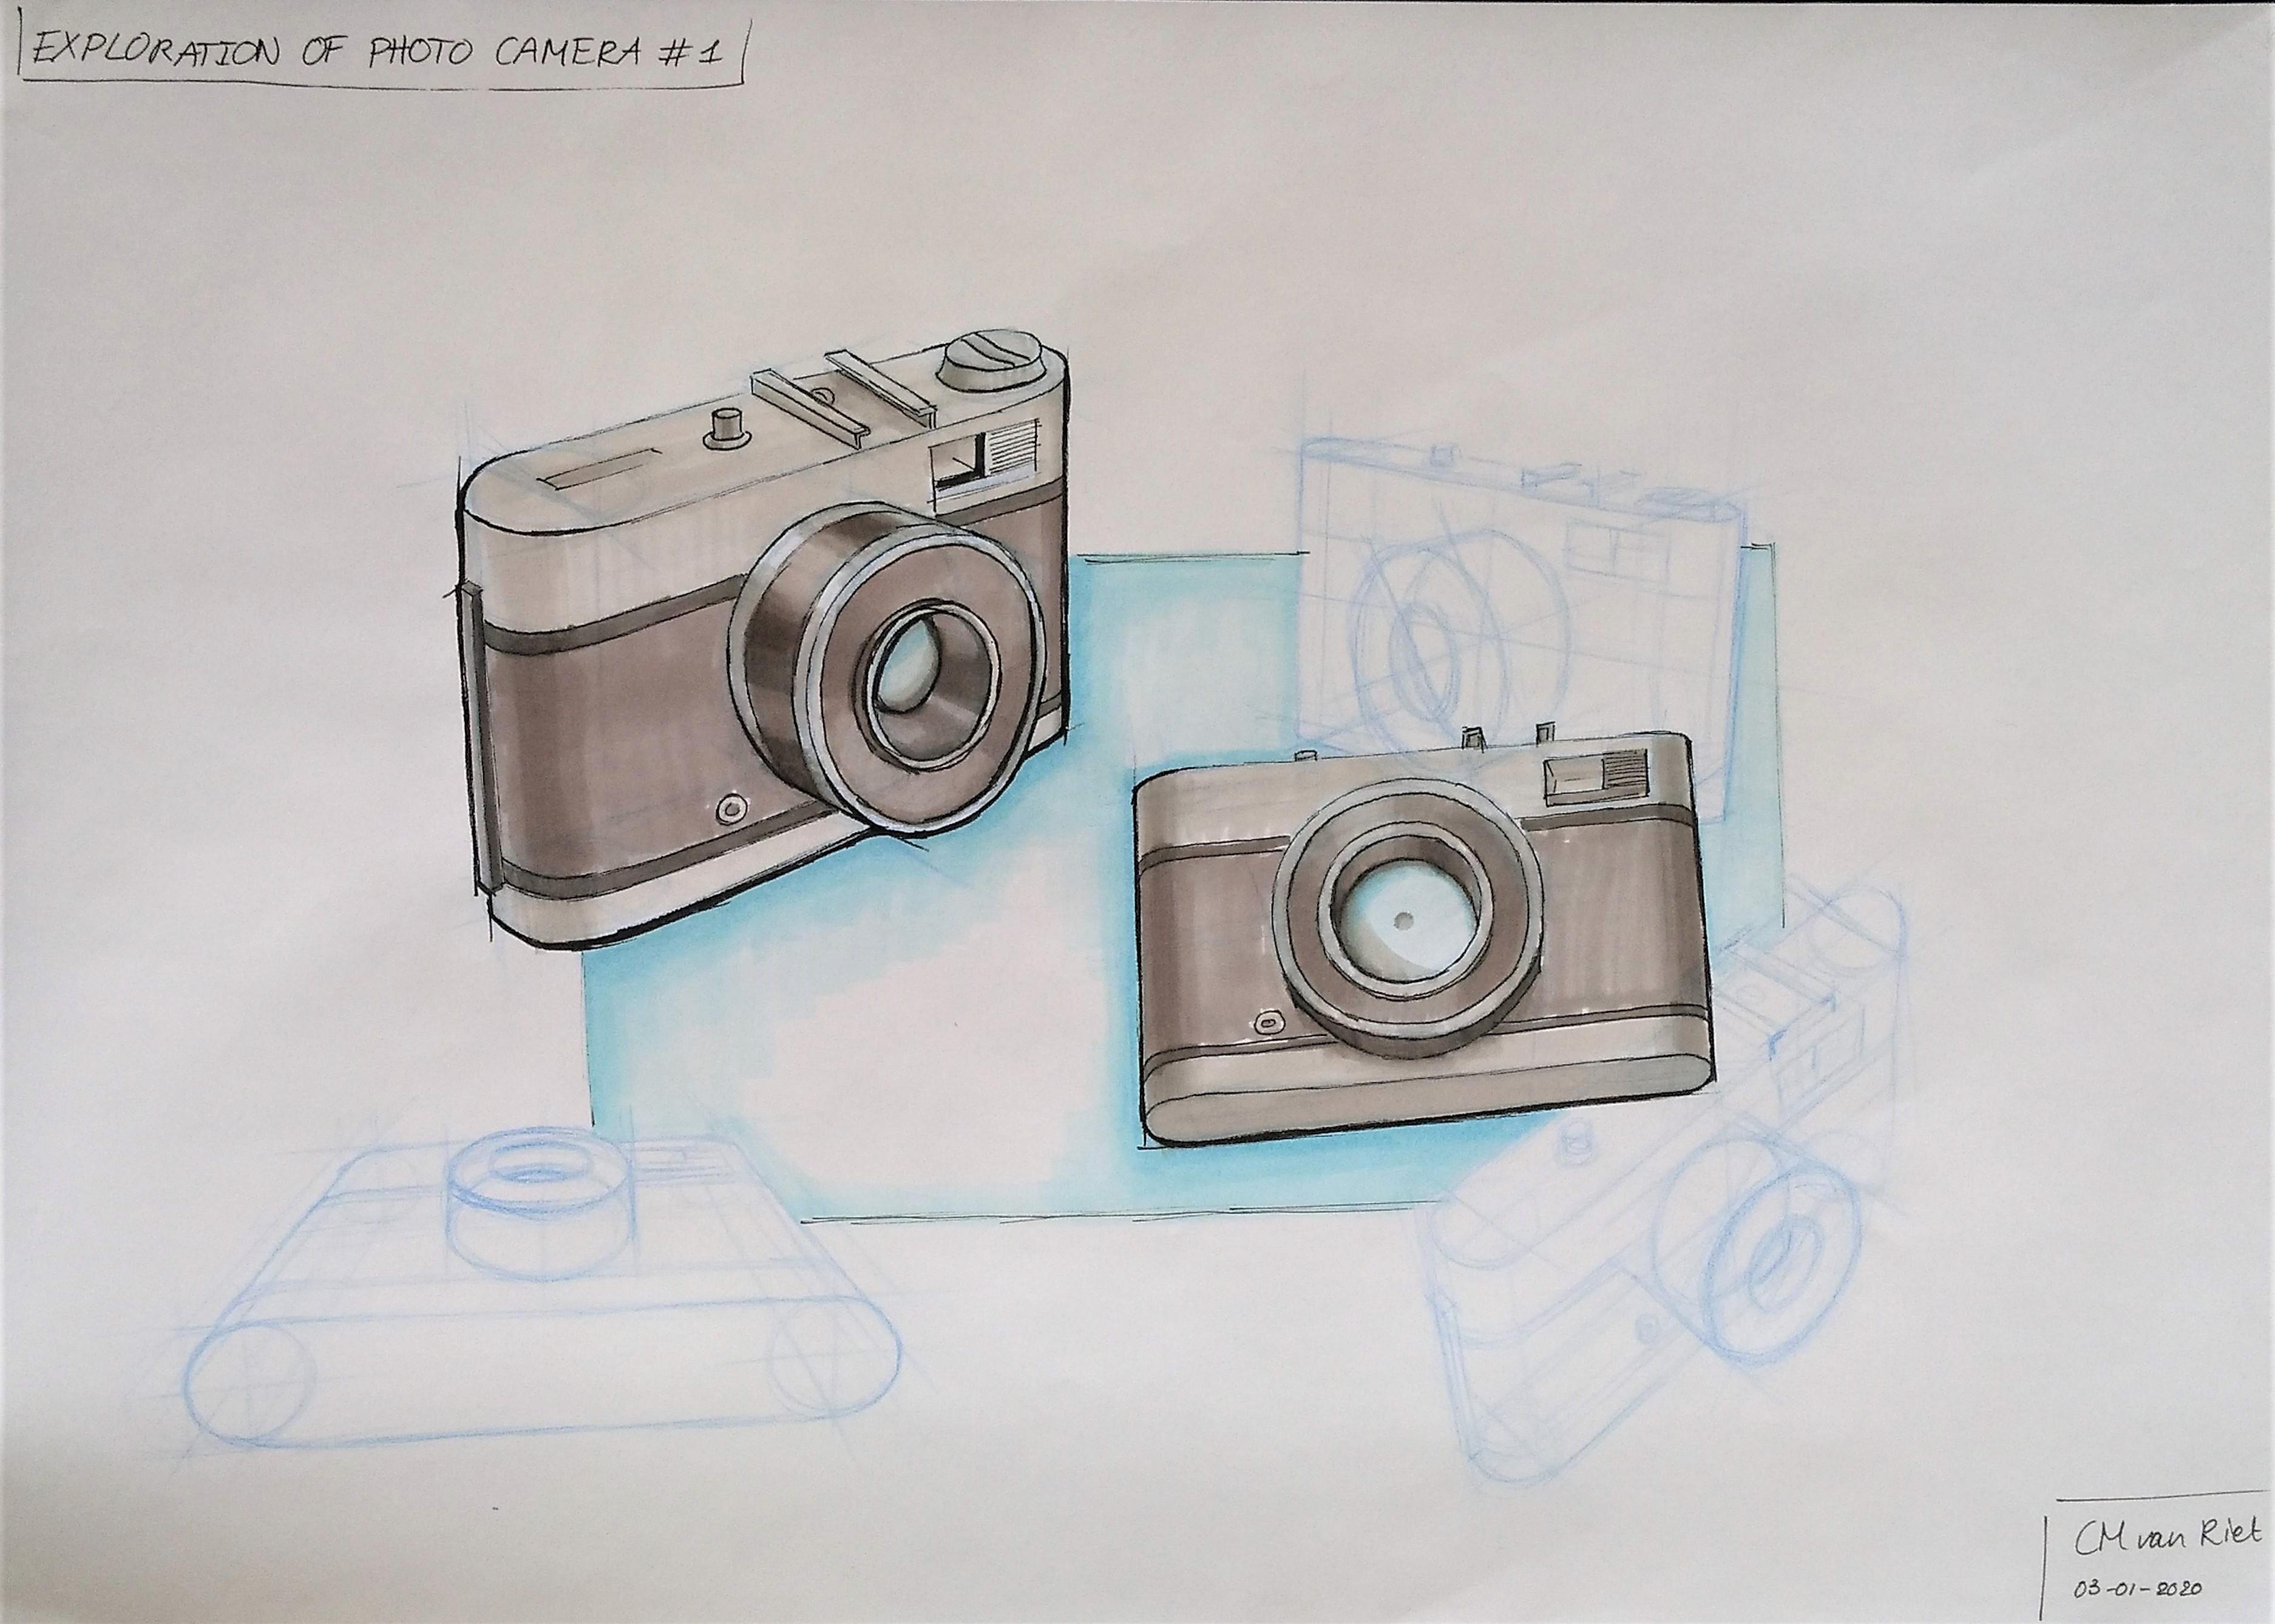 4 cameras rendered